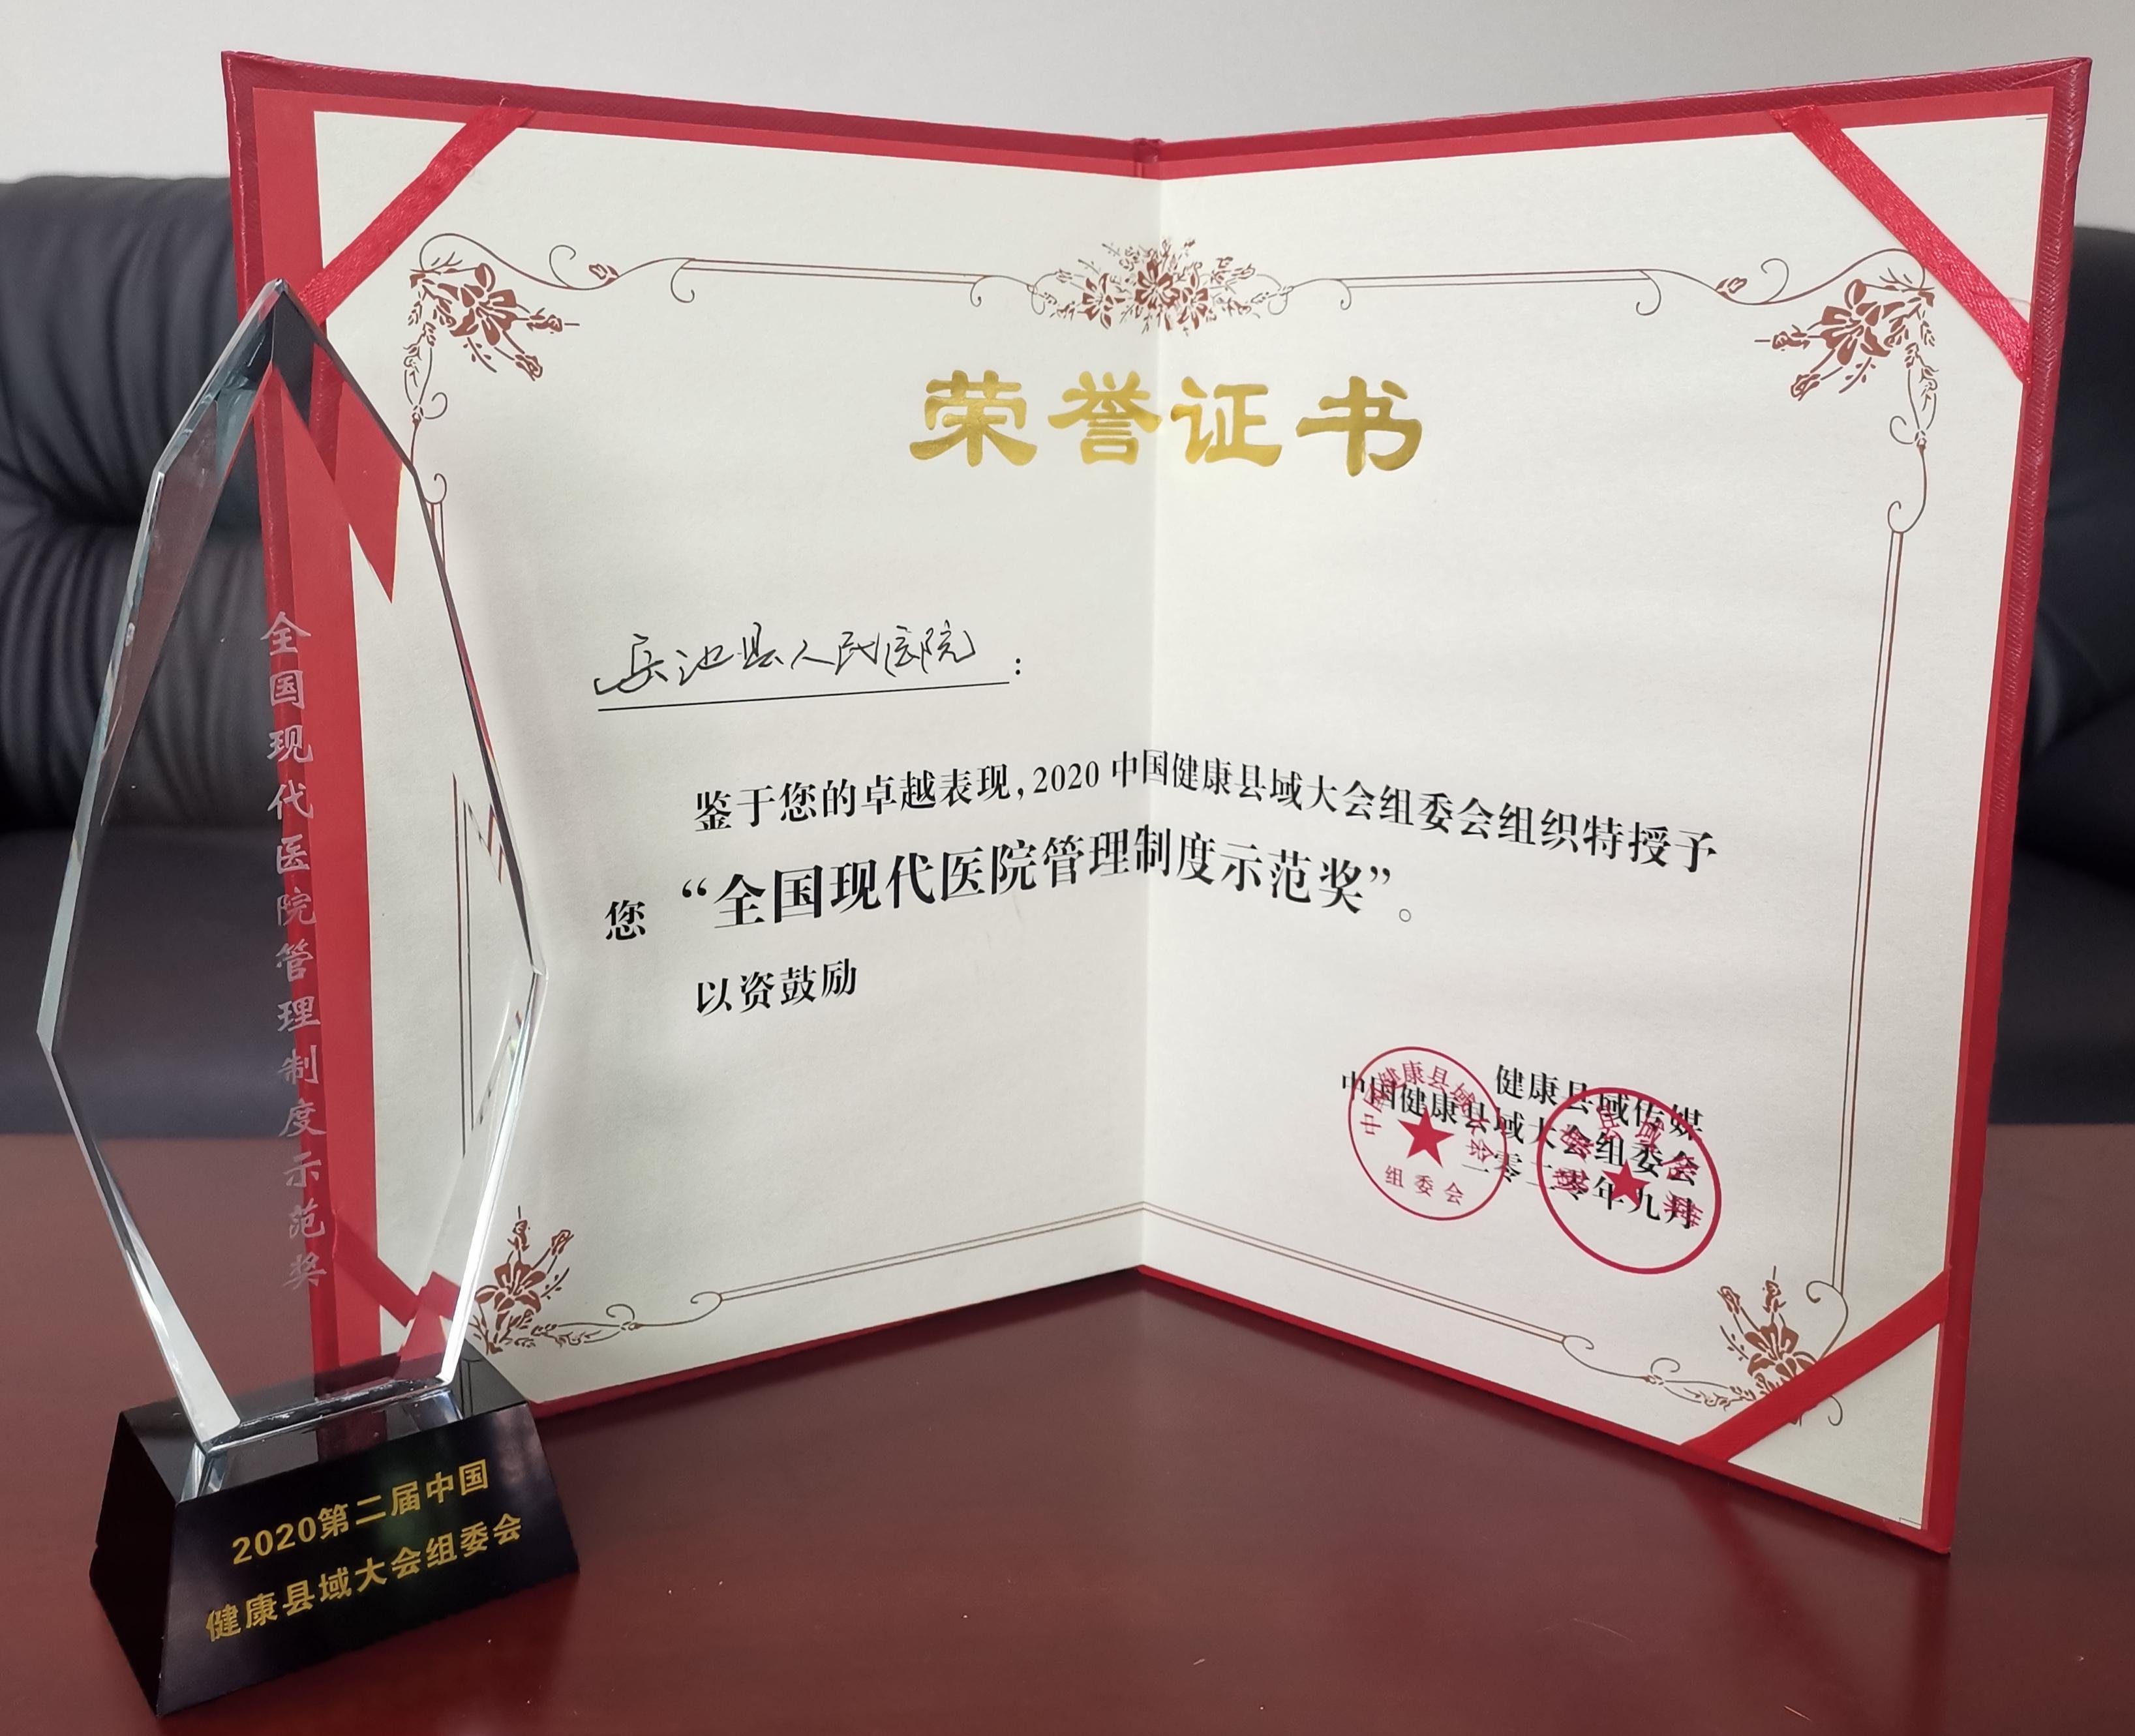 岳池县人民医院喜获四项全国大奖